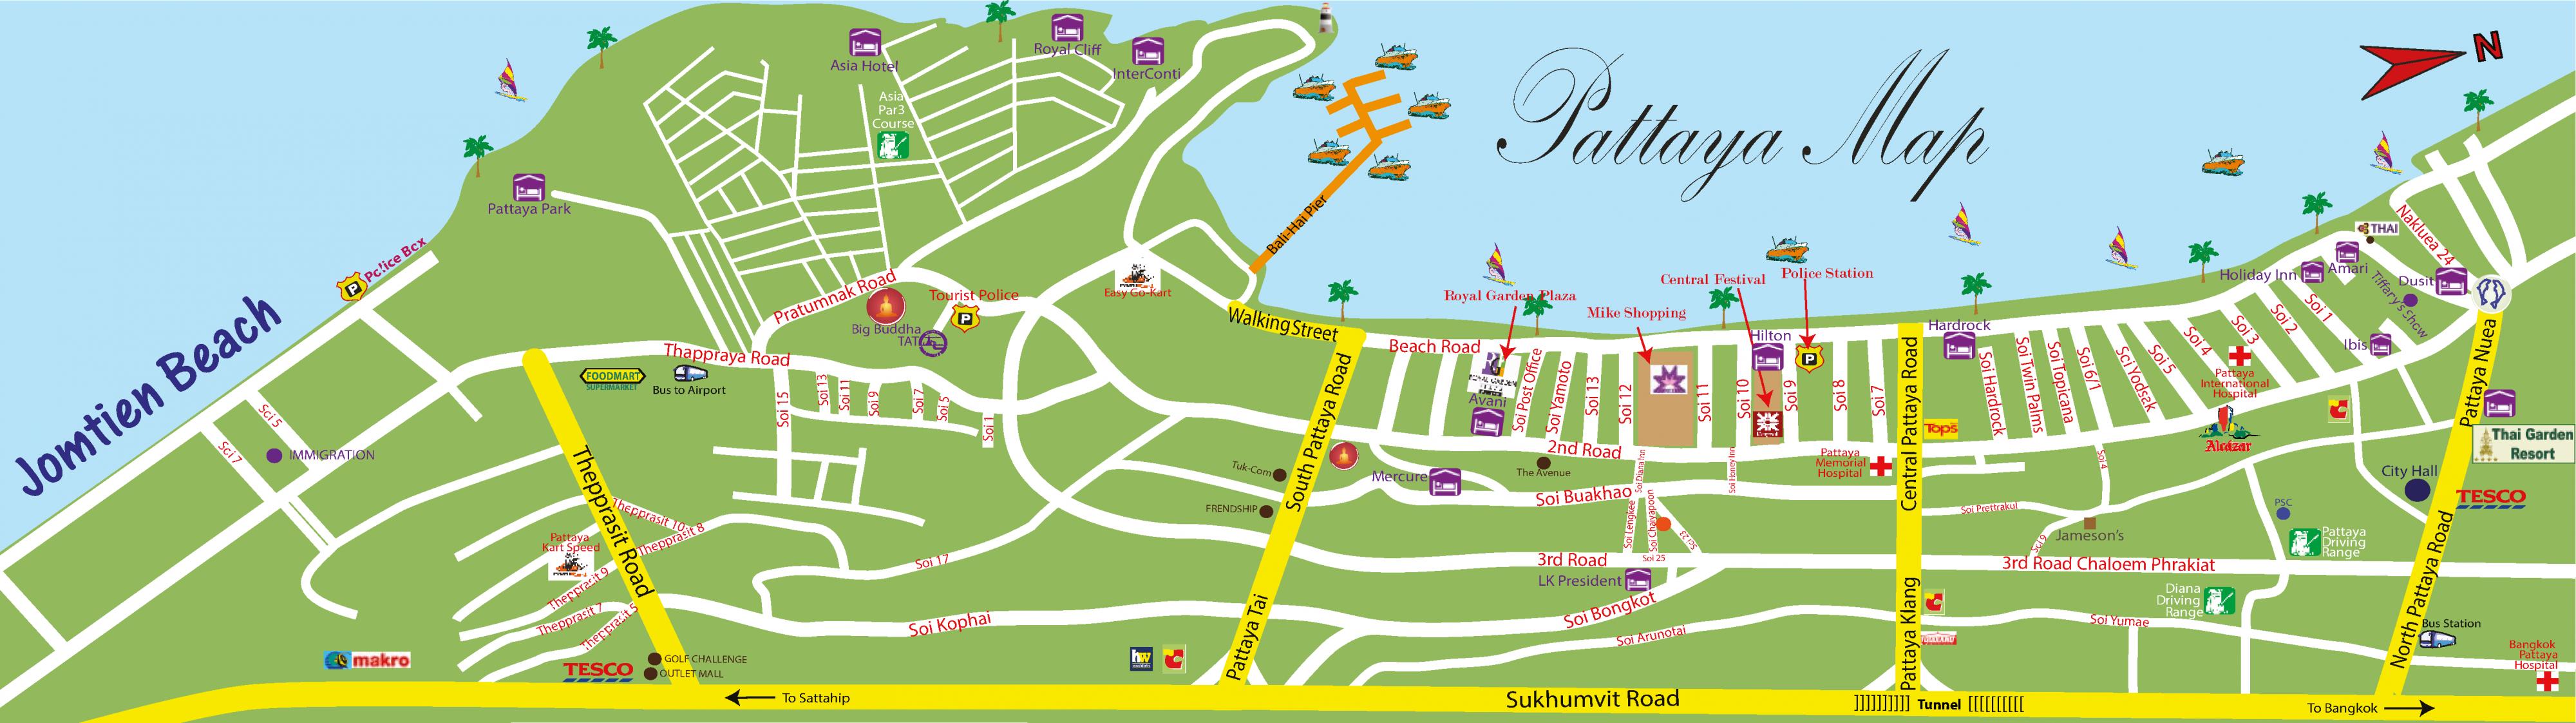 Центральная часть Паттайи (схема)